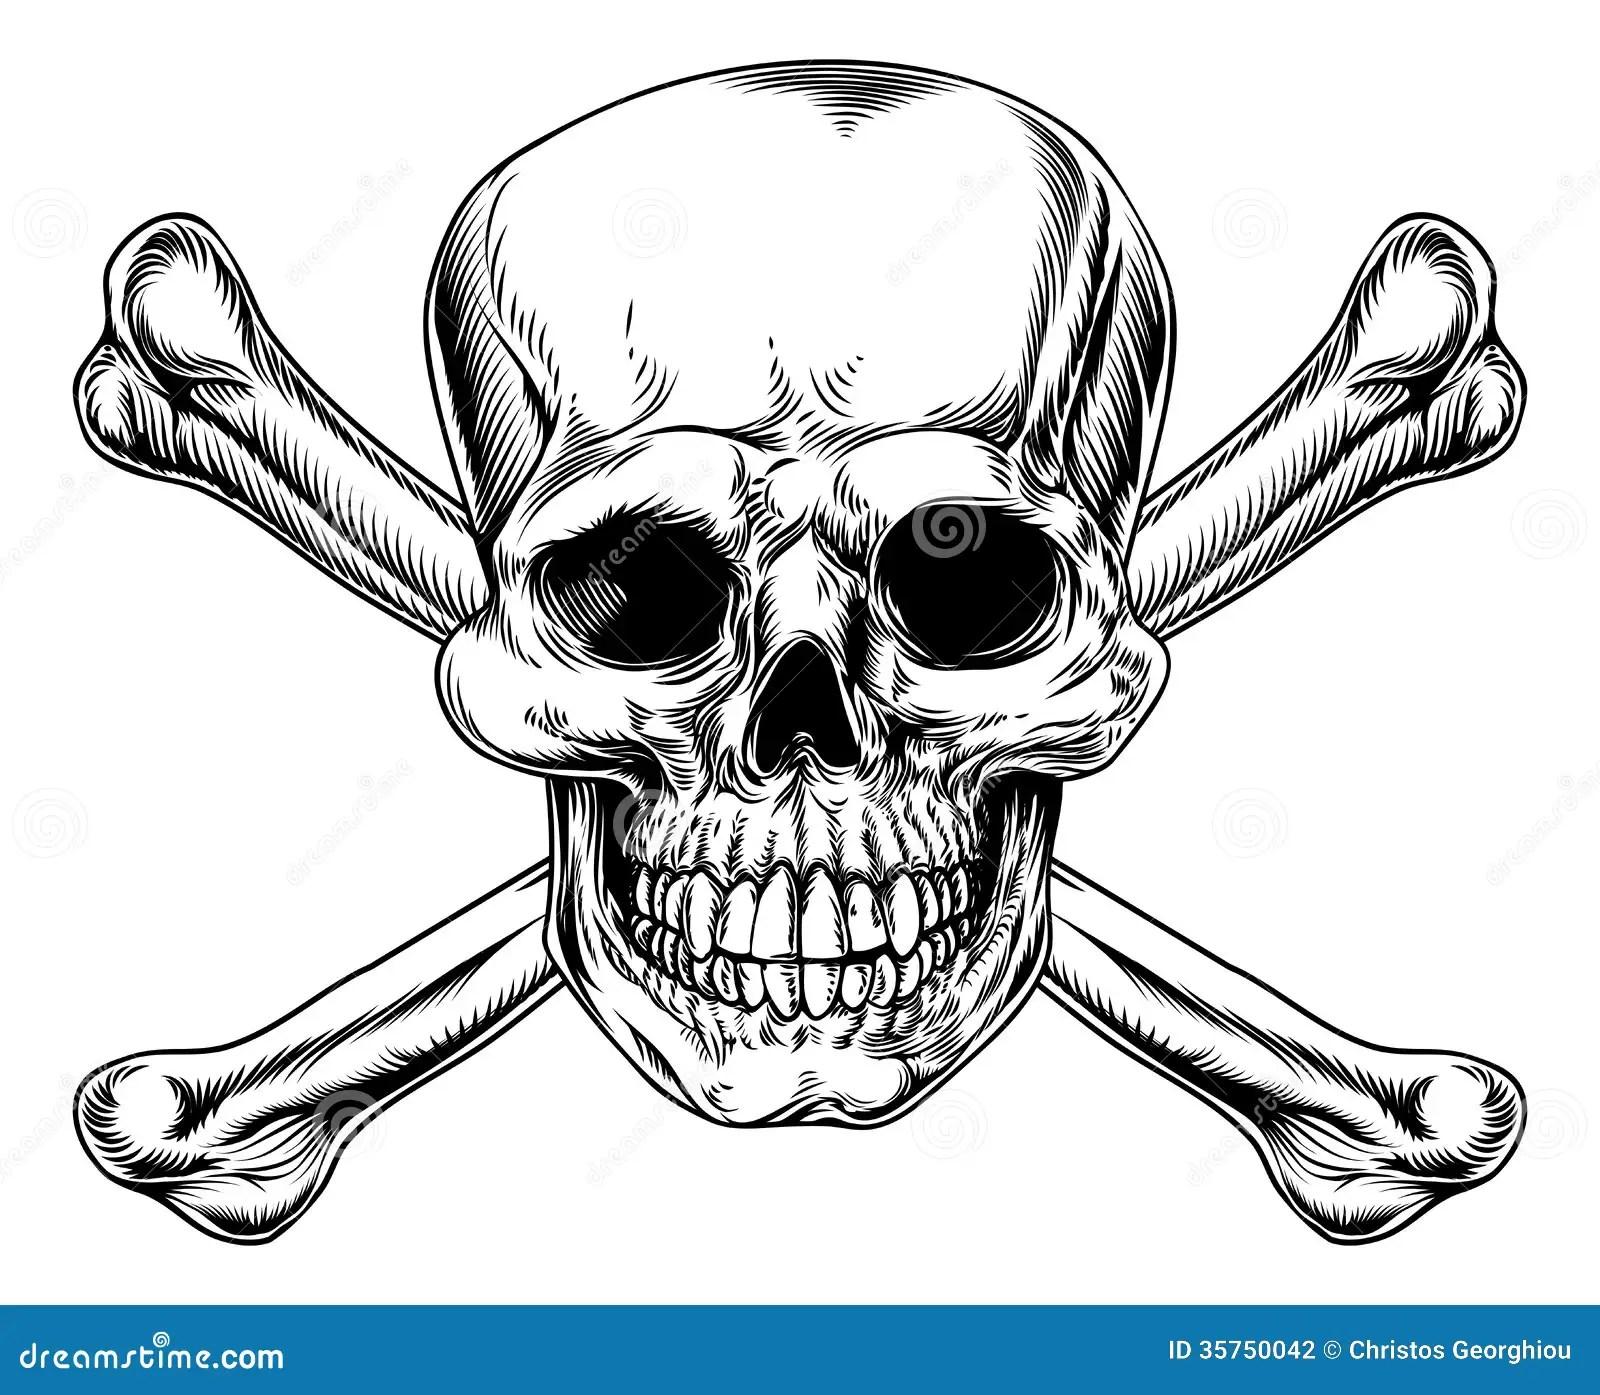 Weinlese Totenkopf Mit Gekreuzter Knochen Zeichen Vektor